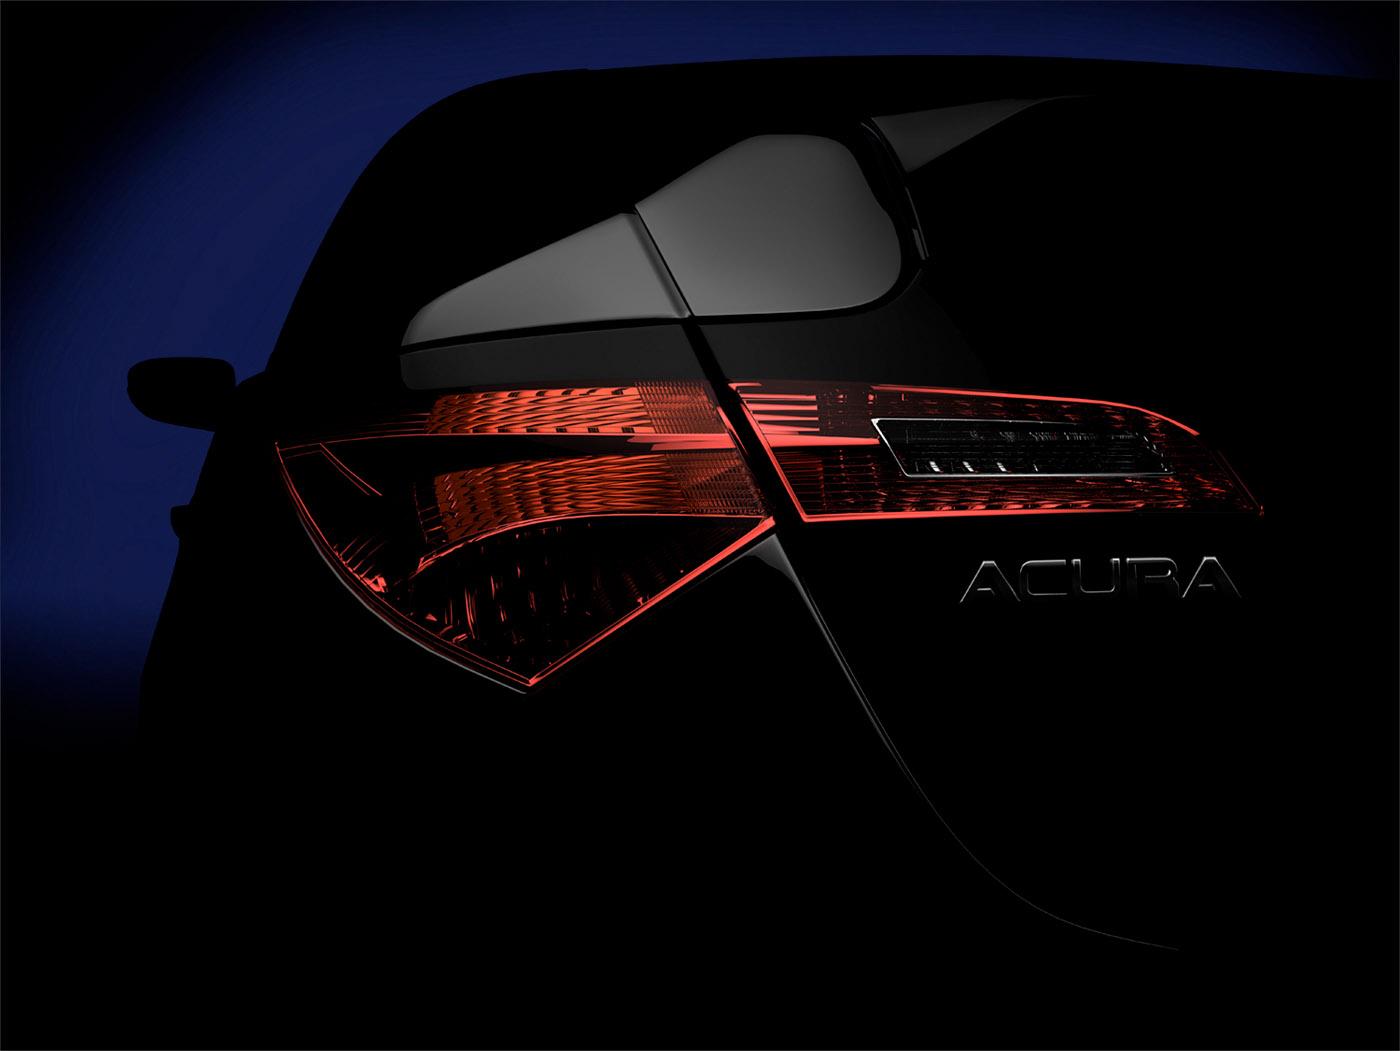 Новый Acura ZDX дебютирует на выставке New York International Auto Show - фотография №4